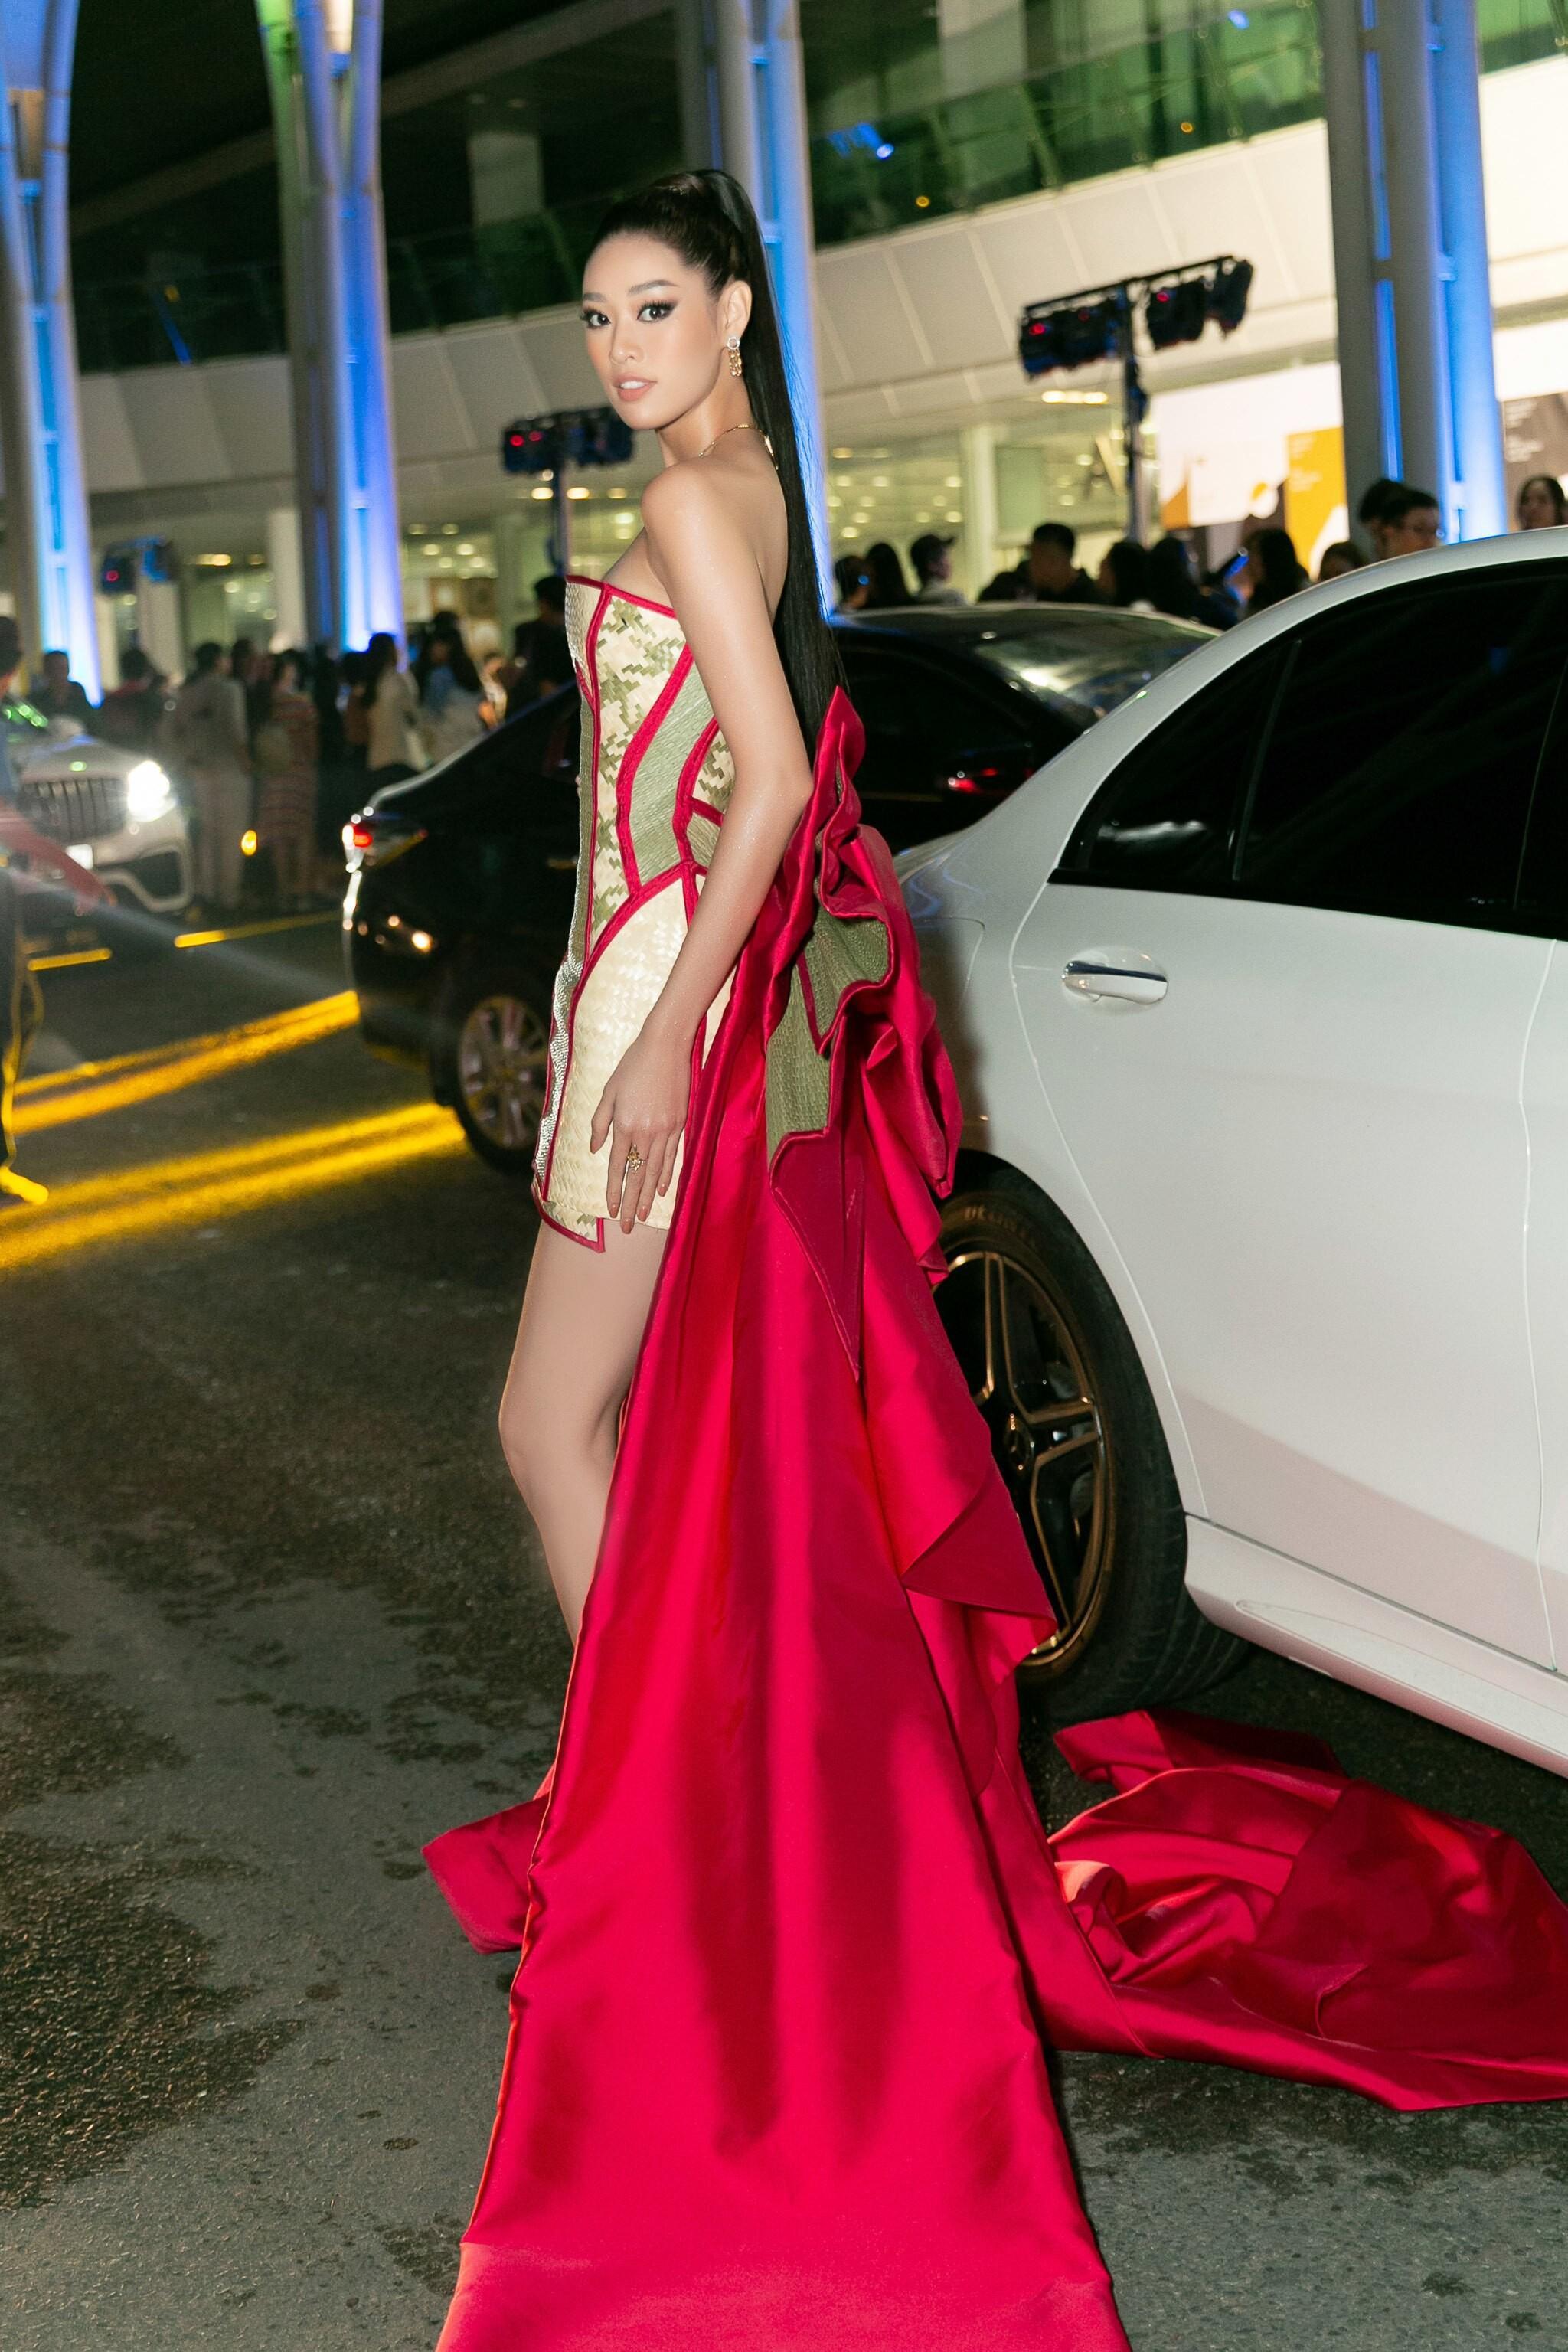 Hoa hậu Khánh Vân mang cả 'làng chiếu cói' lên thảm đỏ Ảnh 7